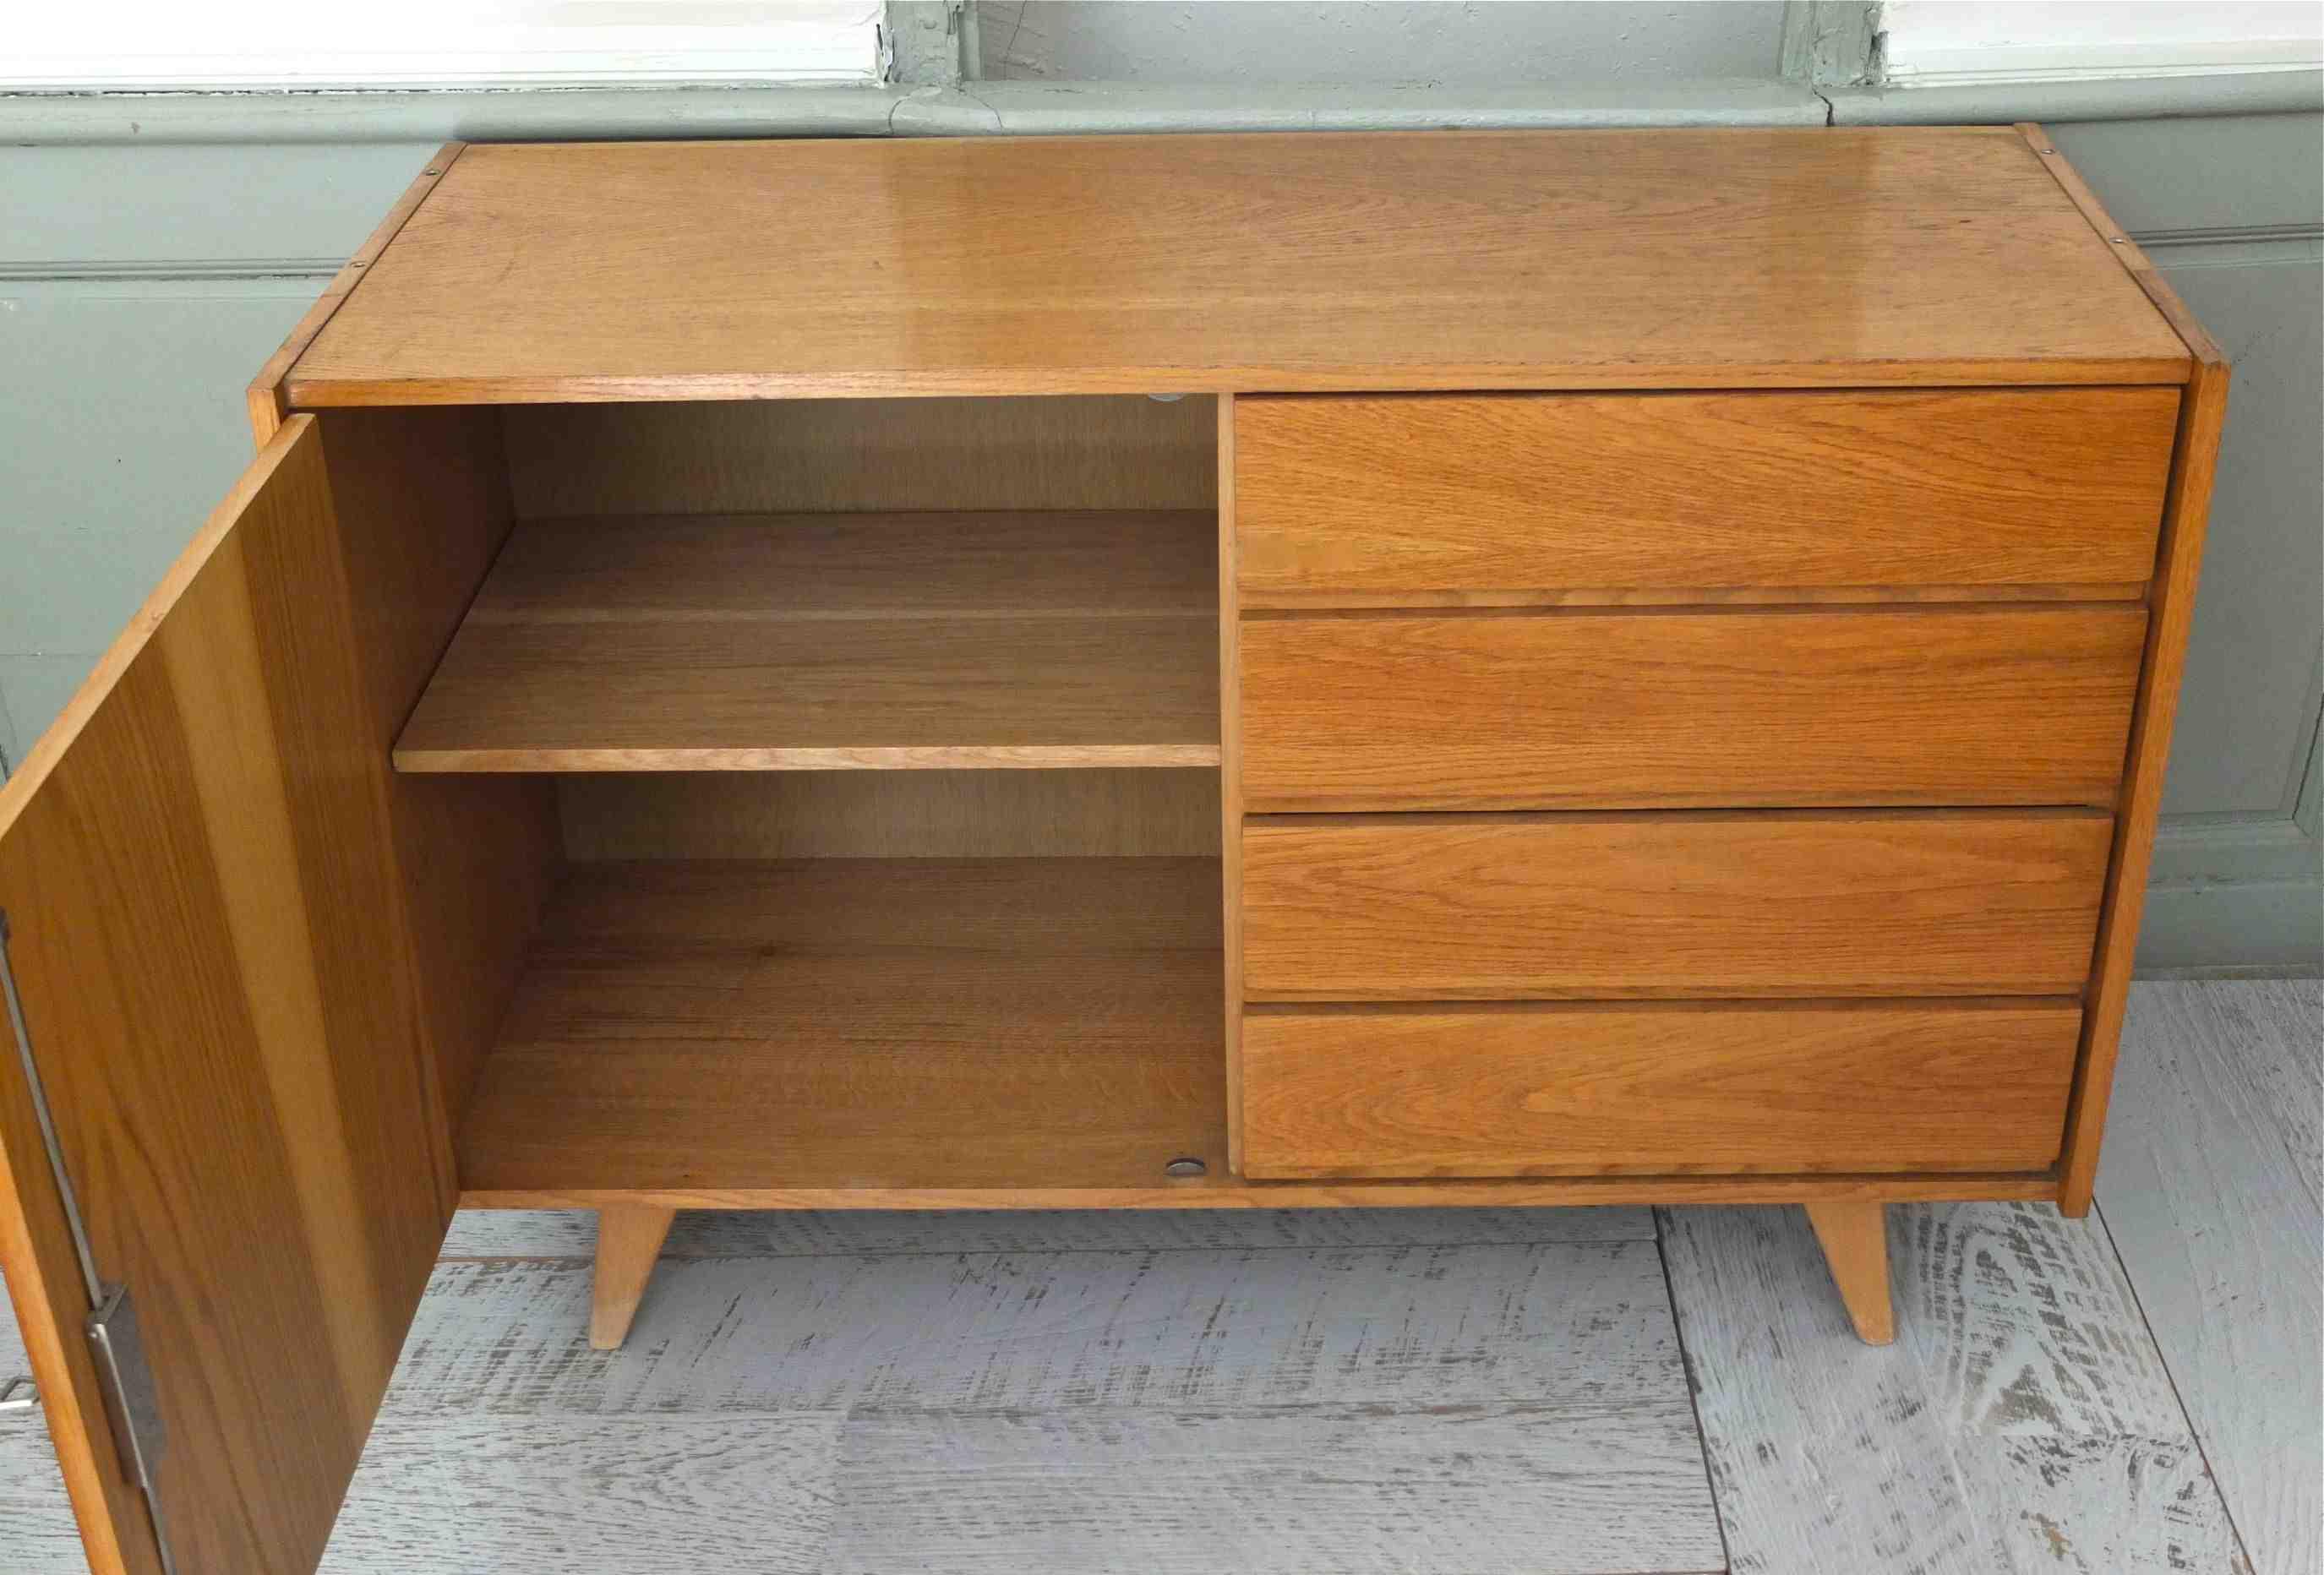 slavia vintage mobilier vintage commode pieds compas de ji jiroutek ann es 60 essential. Black Bedroom Furniture Sets. Home Design Ideas